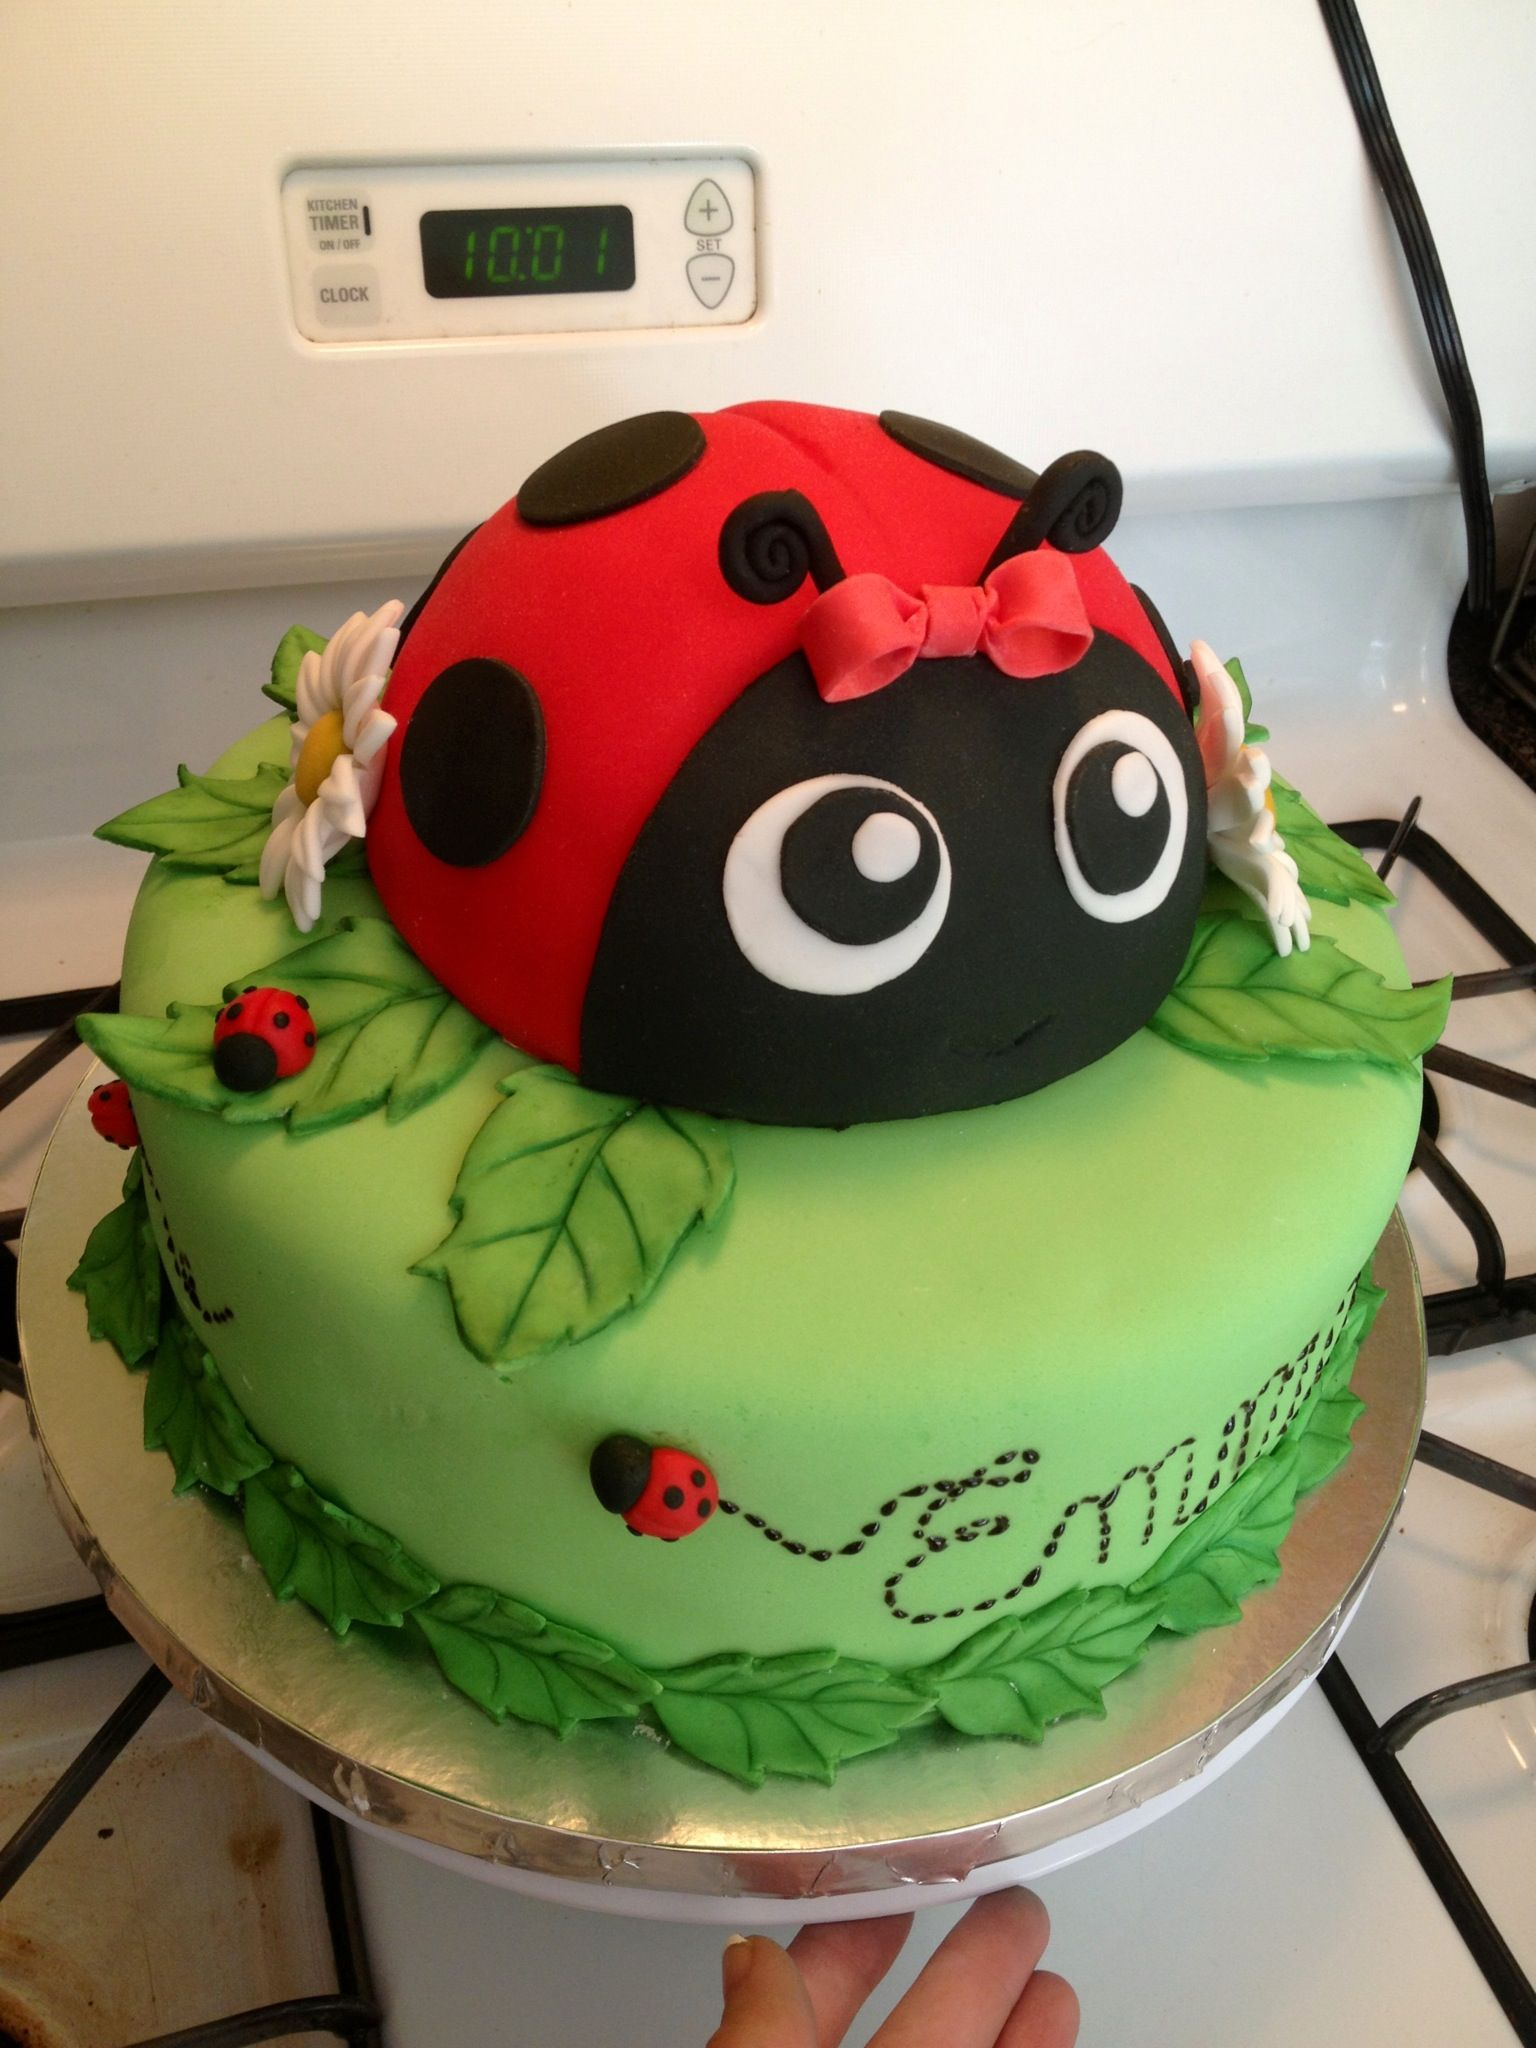 Birthday Cake Images Lady : Ladybug birthday cake! www.facebook.com ...